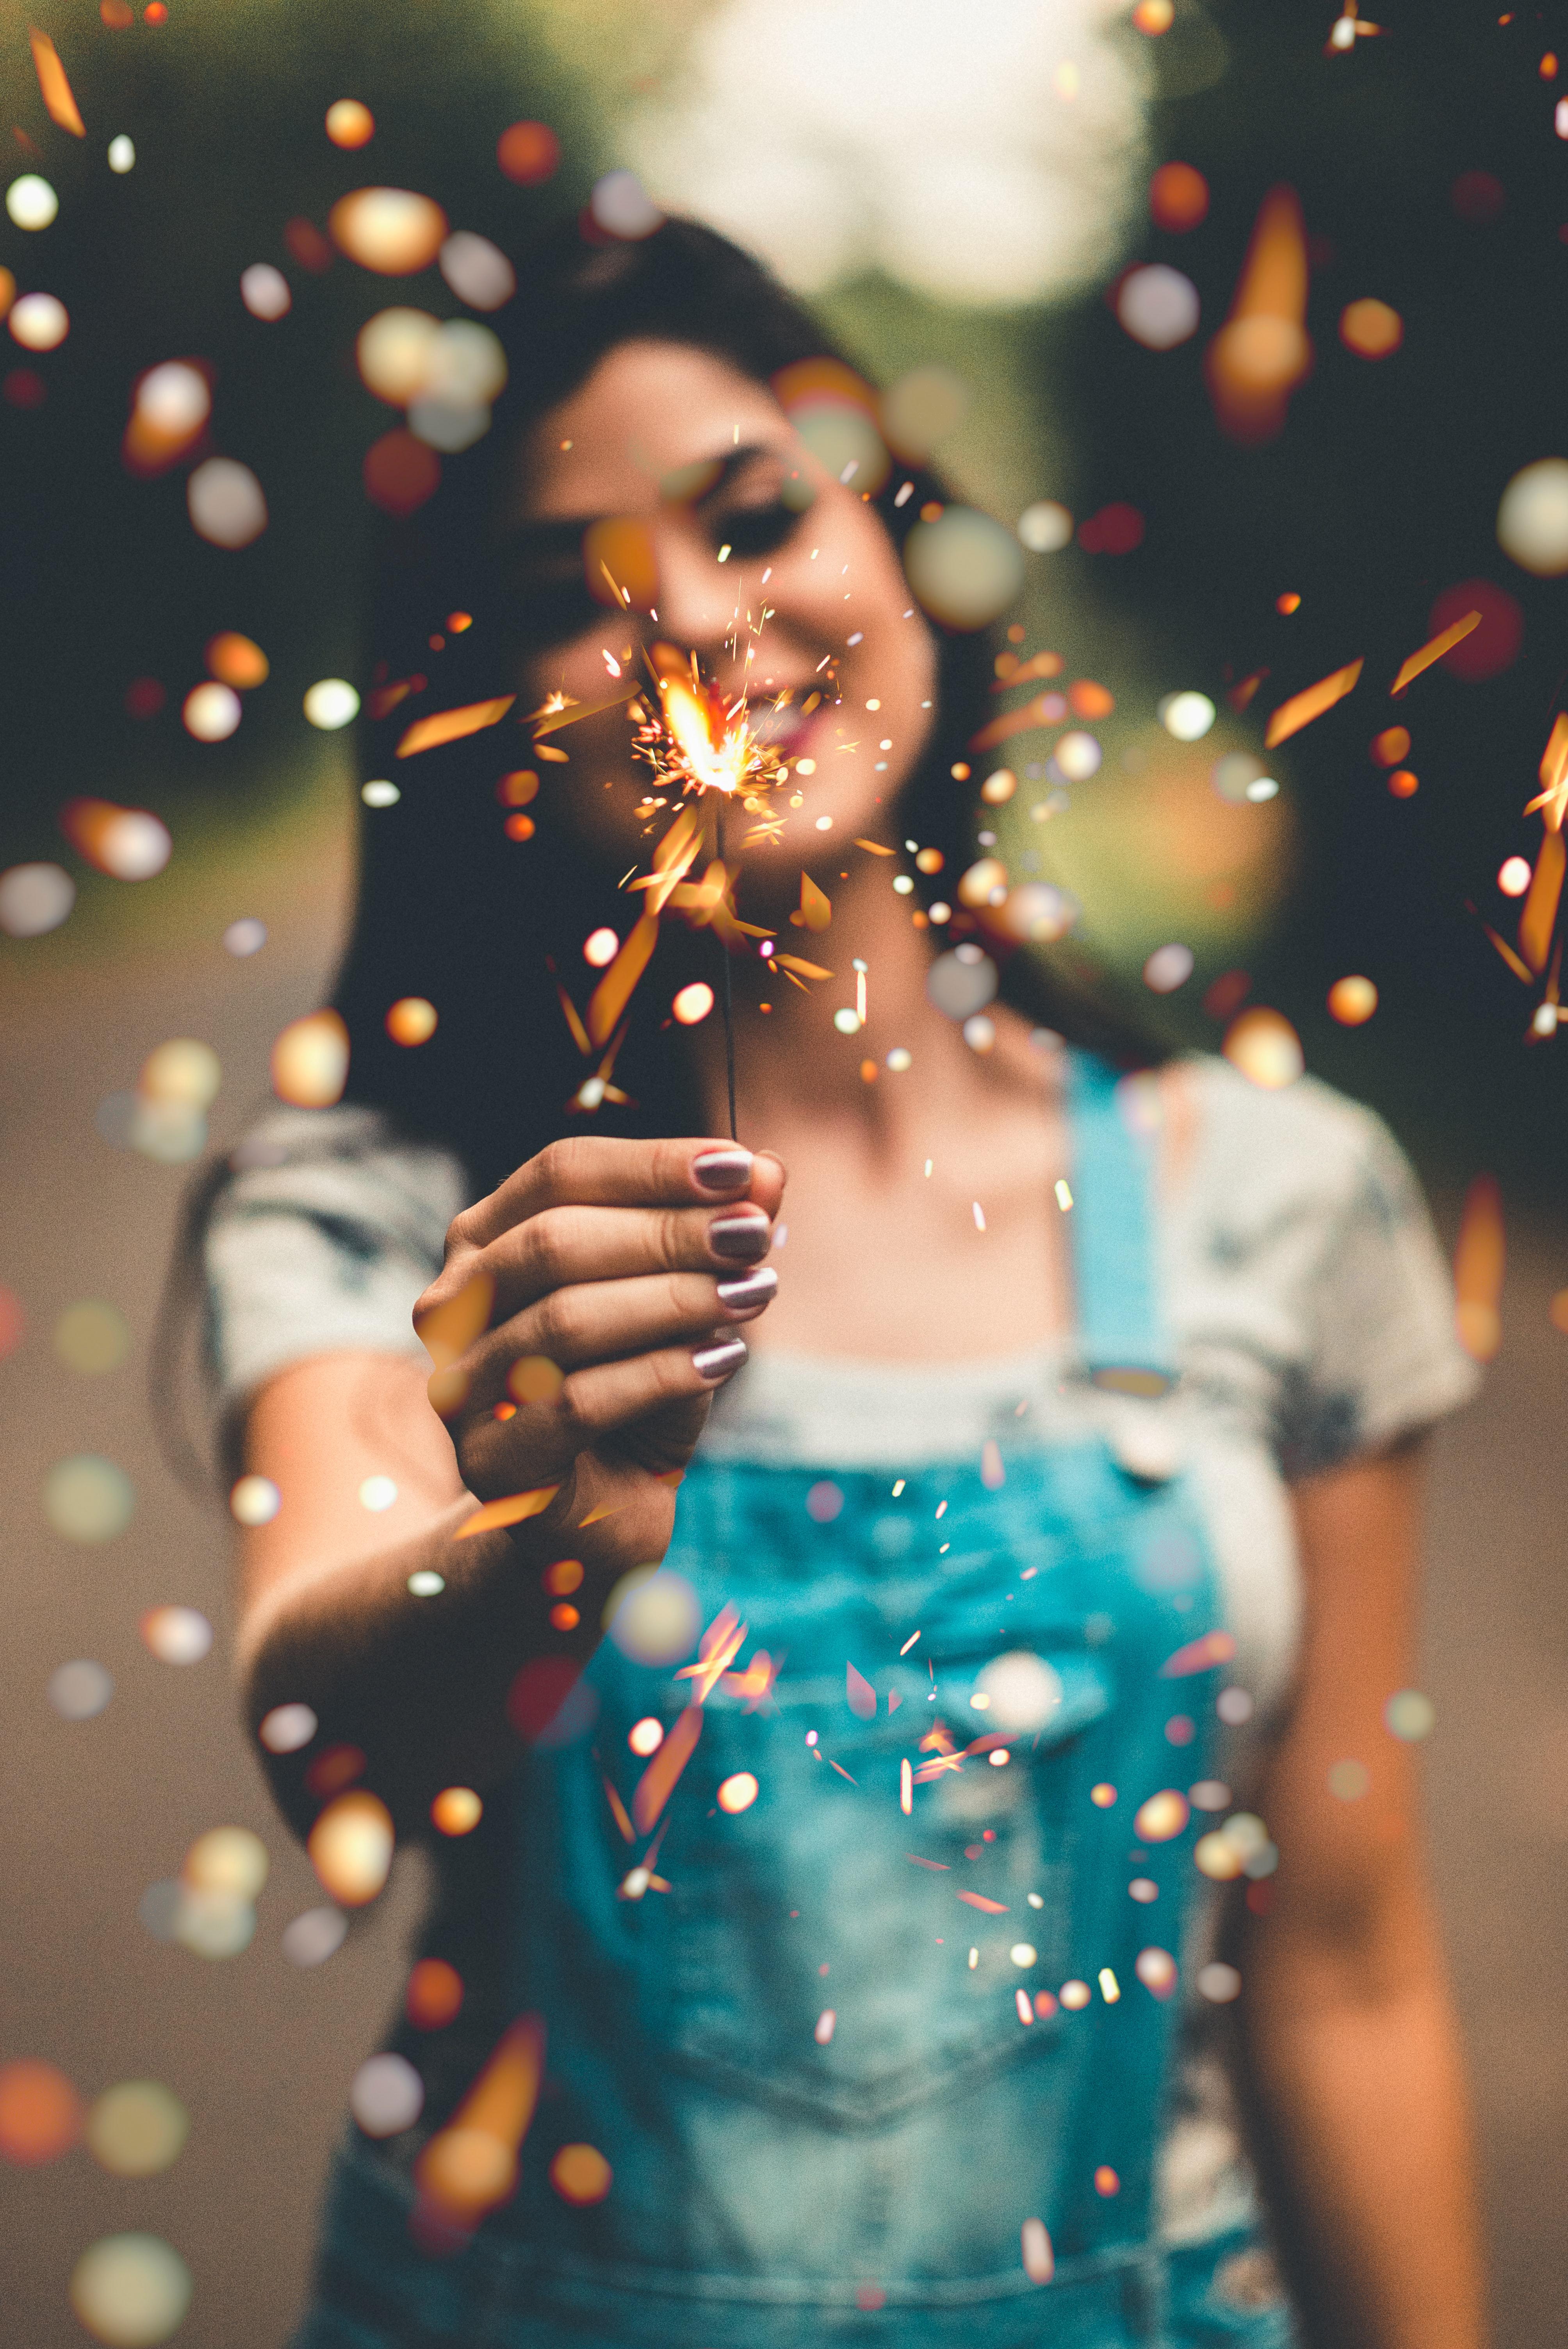 3.Ако не сте почитатели на коледните традиции, тогава дайте път на свои собствени – направете нещо, което ви доставя удоволствие или сте отлагали дълго време – това ще ви накара да се почувствате по-добре.